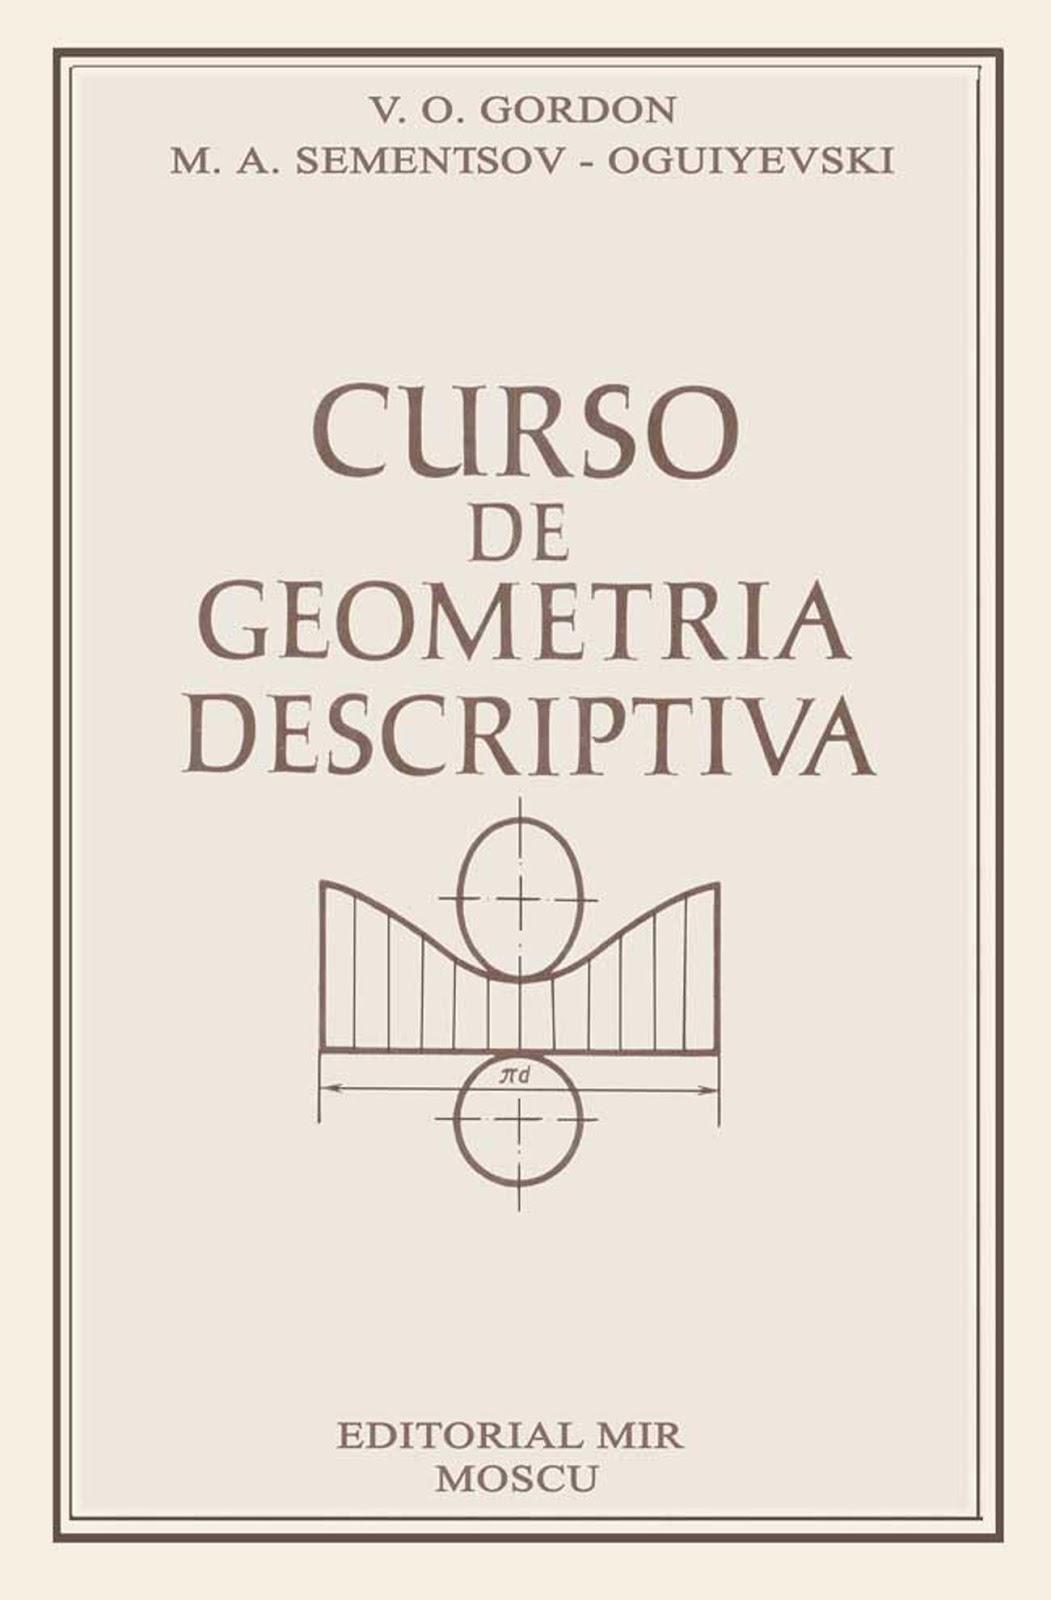 Curso de geometría descriptiva – V. O. Gordon